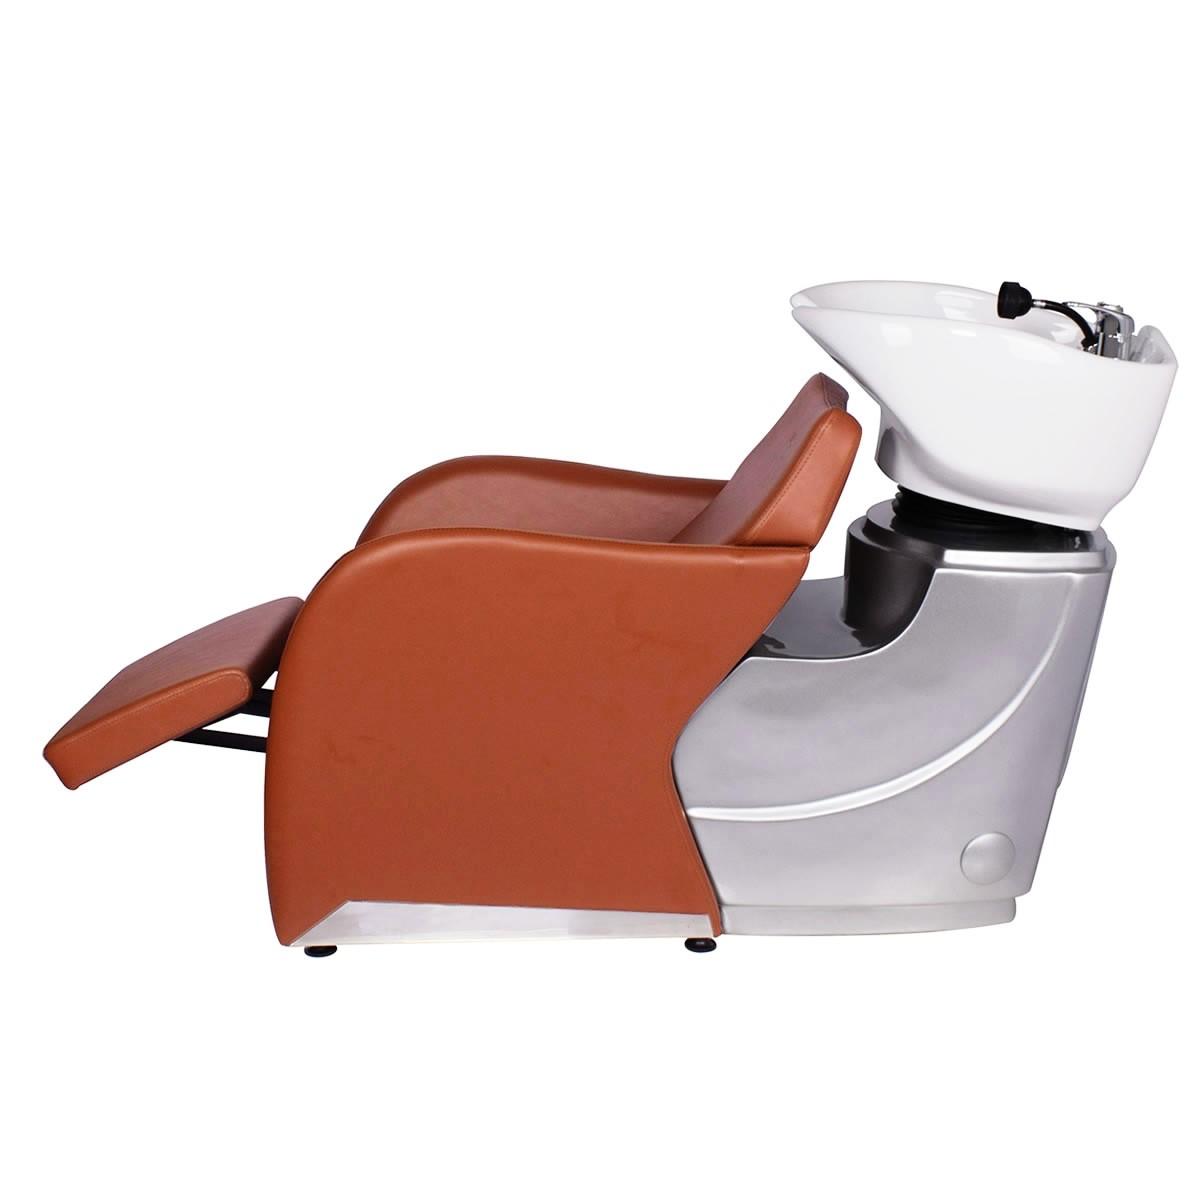 """""""ODESSA"""" Shampoo Backwash Unit in Chestnut - Chestnut Shampoo Backwash Unit, Chestnut Backwash Shampoo System, Chestnut Shampoo Bowl"""